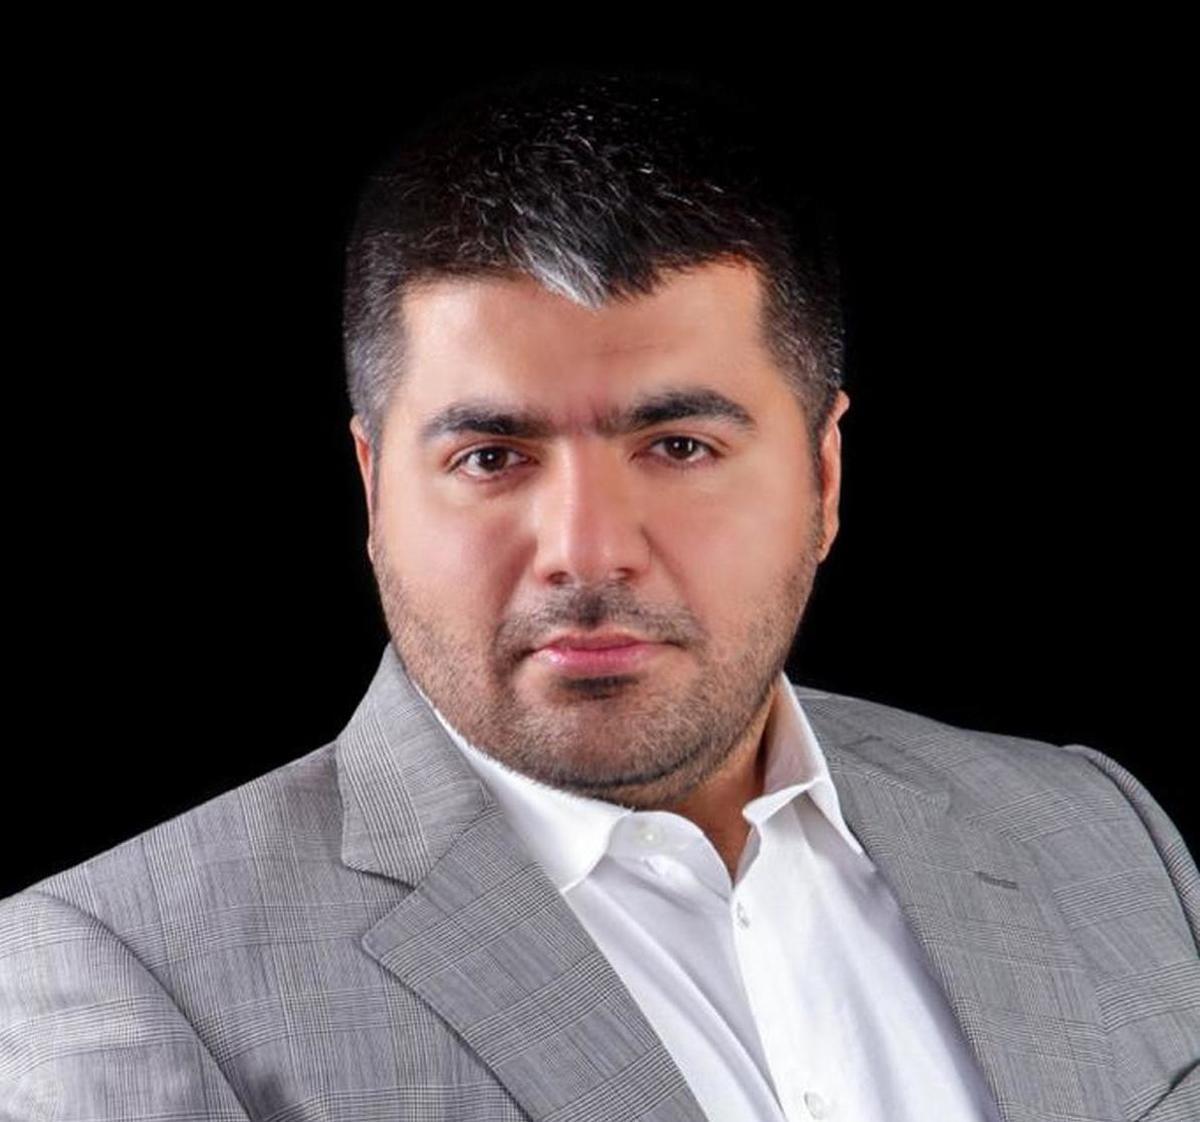 پیشنهاد دکتر غرضی به شهردار تهران و بنیاد شهید